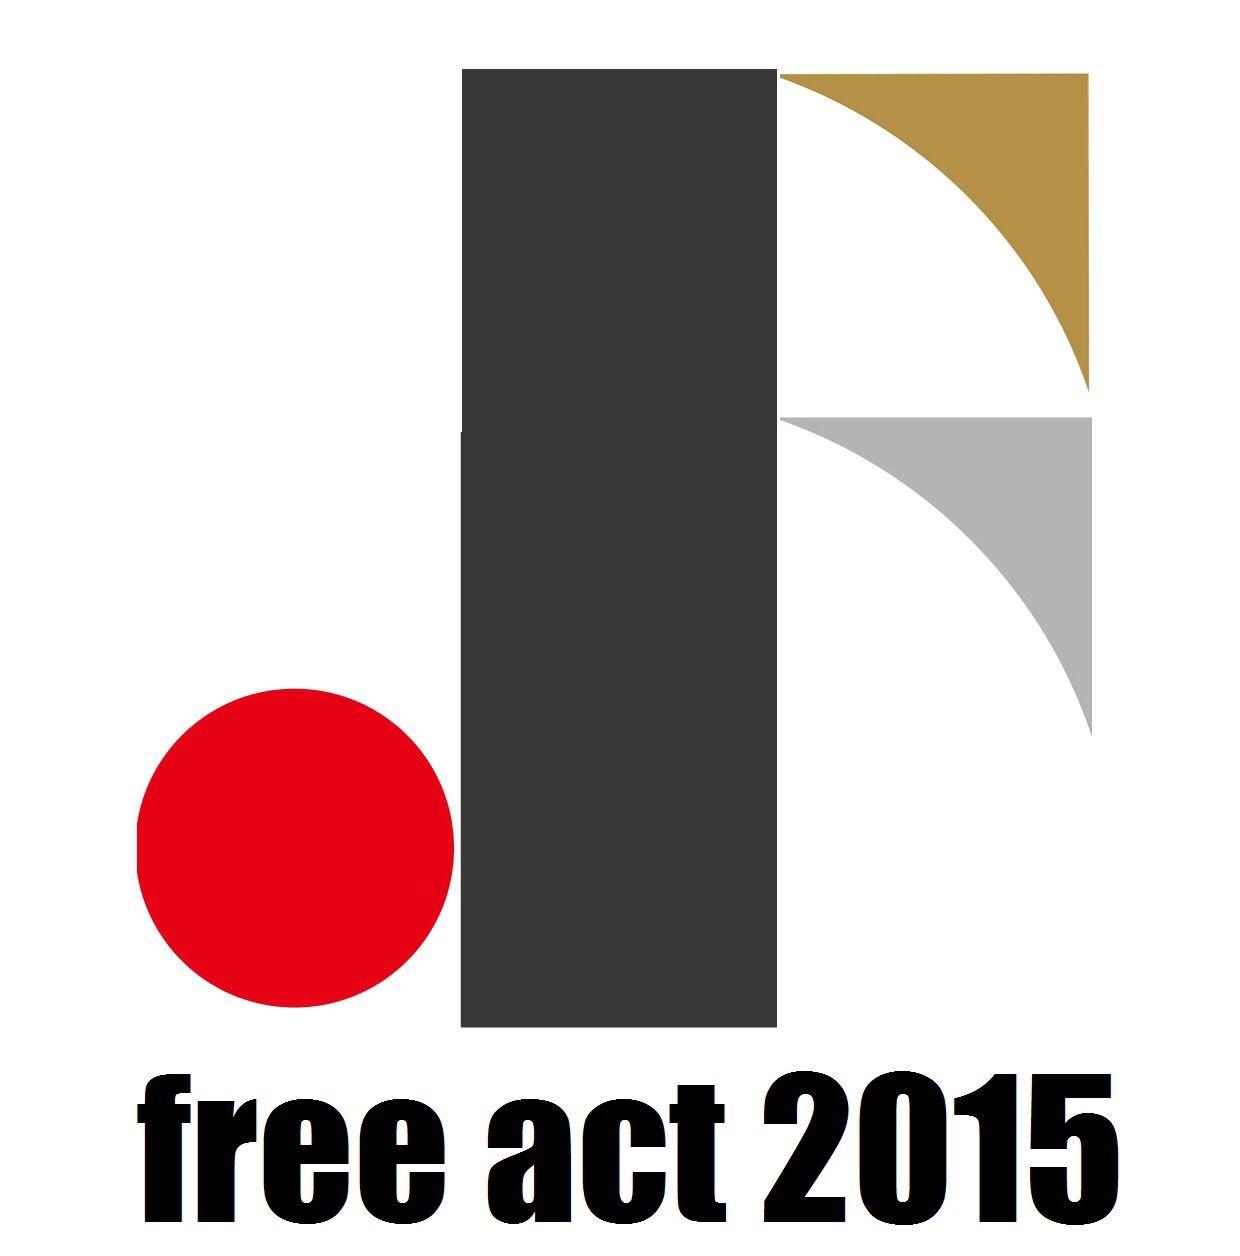 freeact